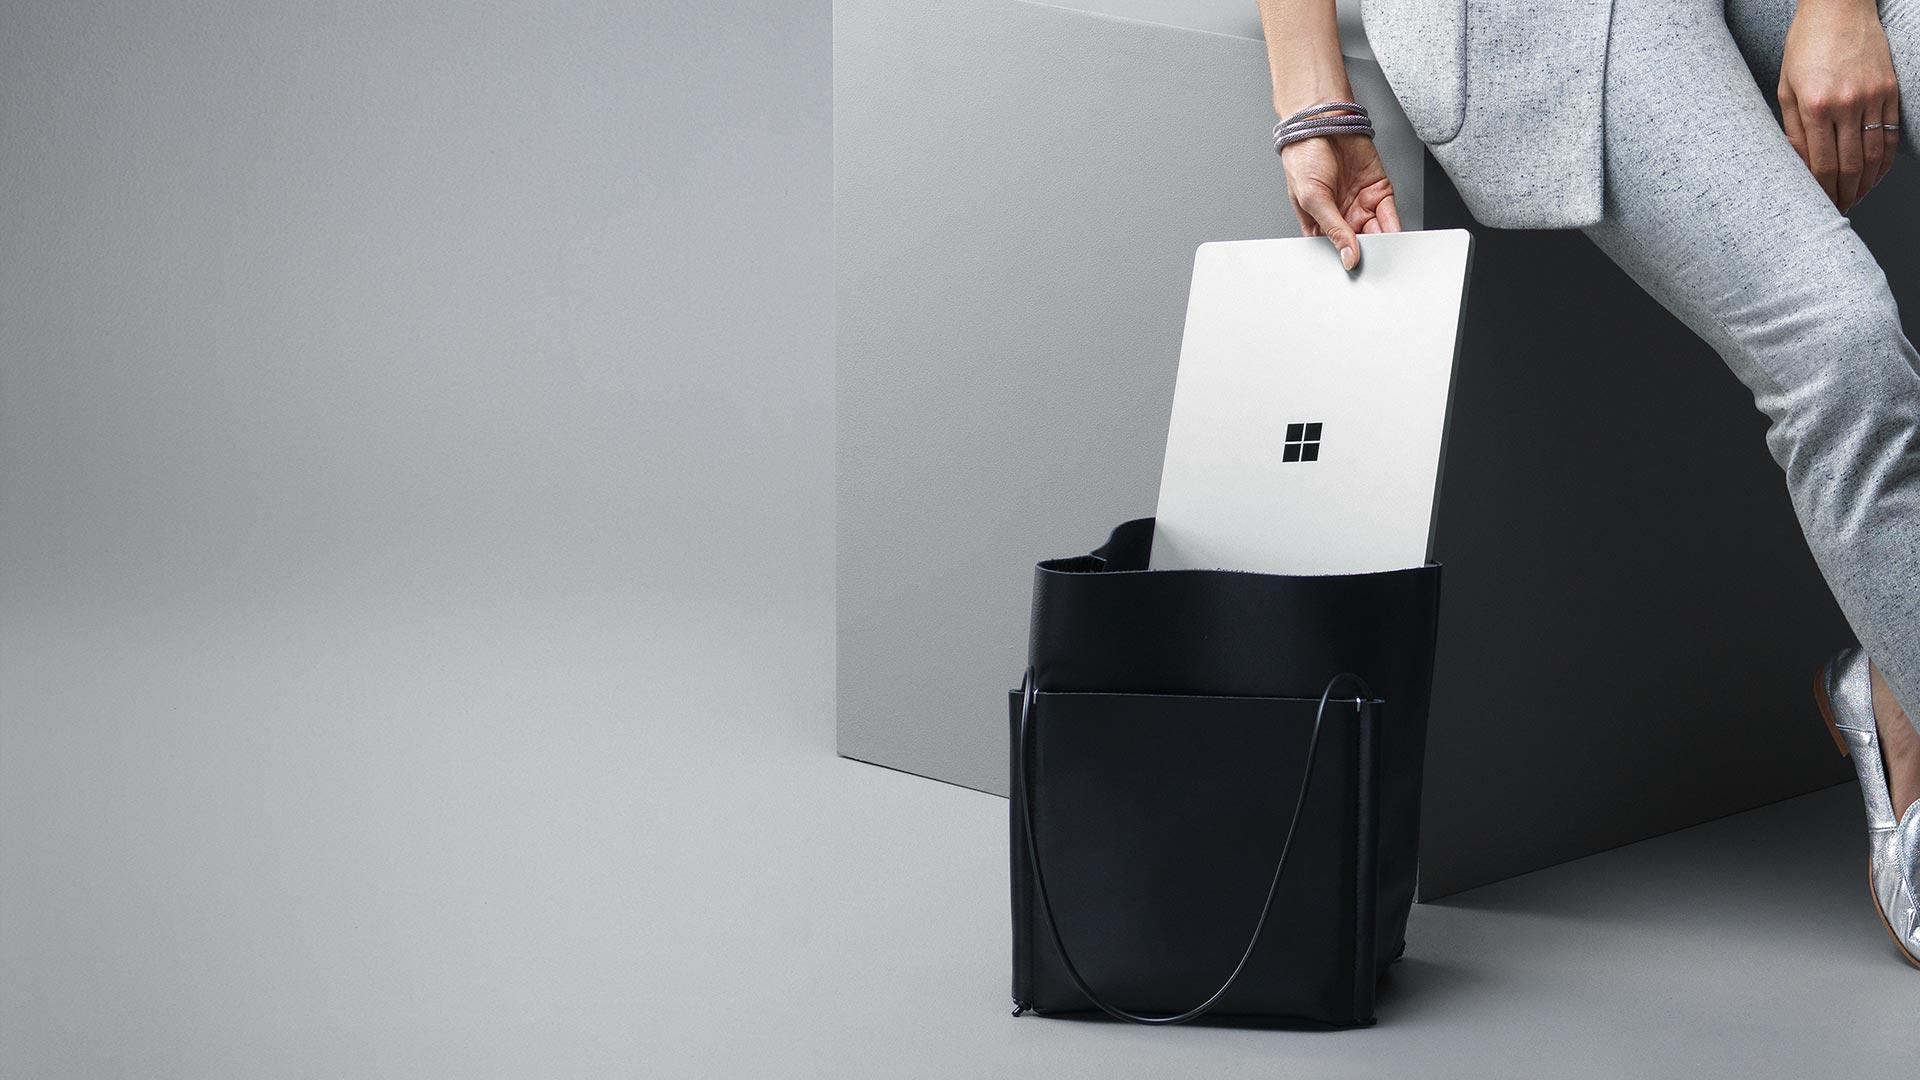 Femme glissant le Surface Laptop platine dans son sac.